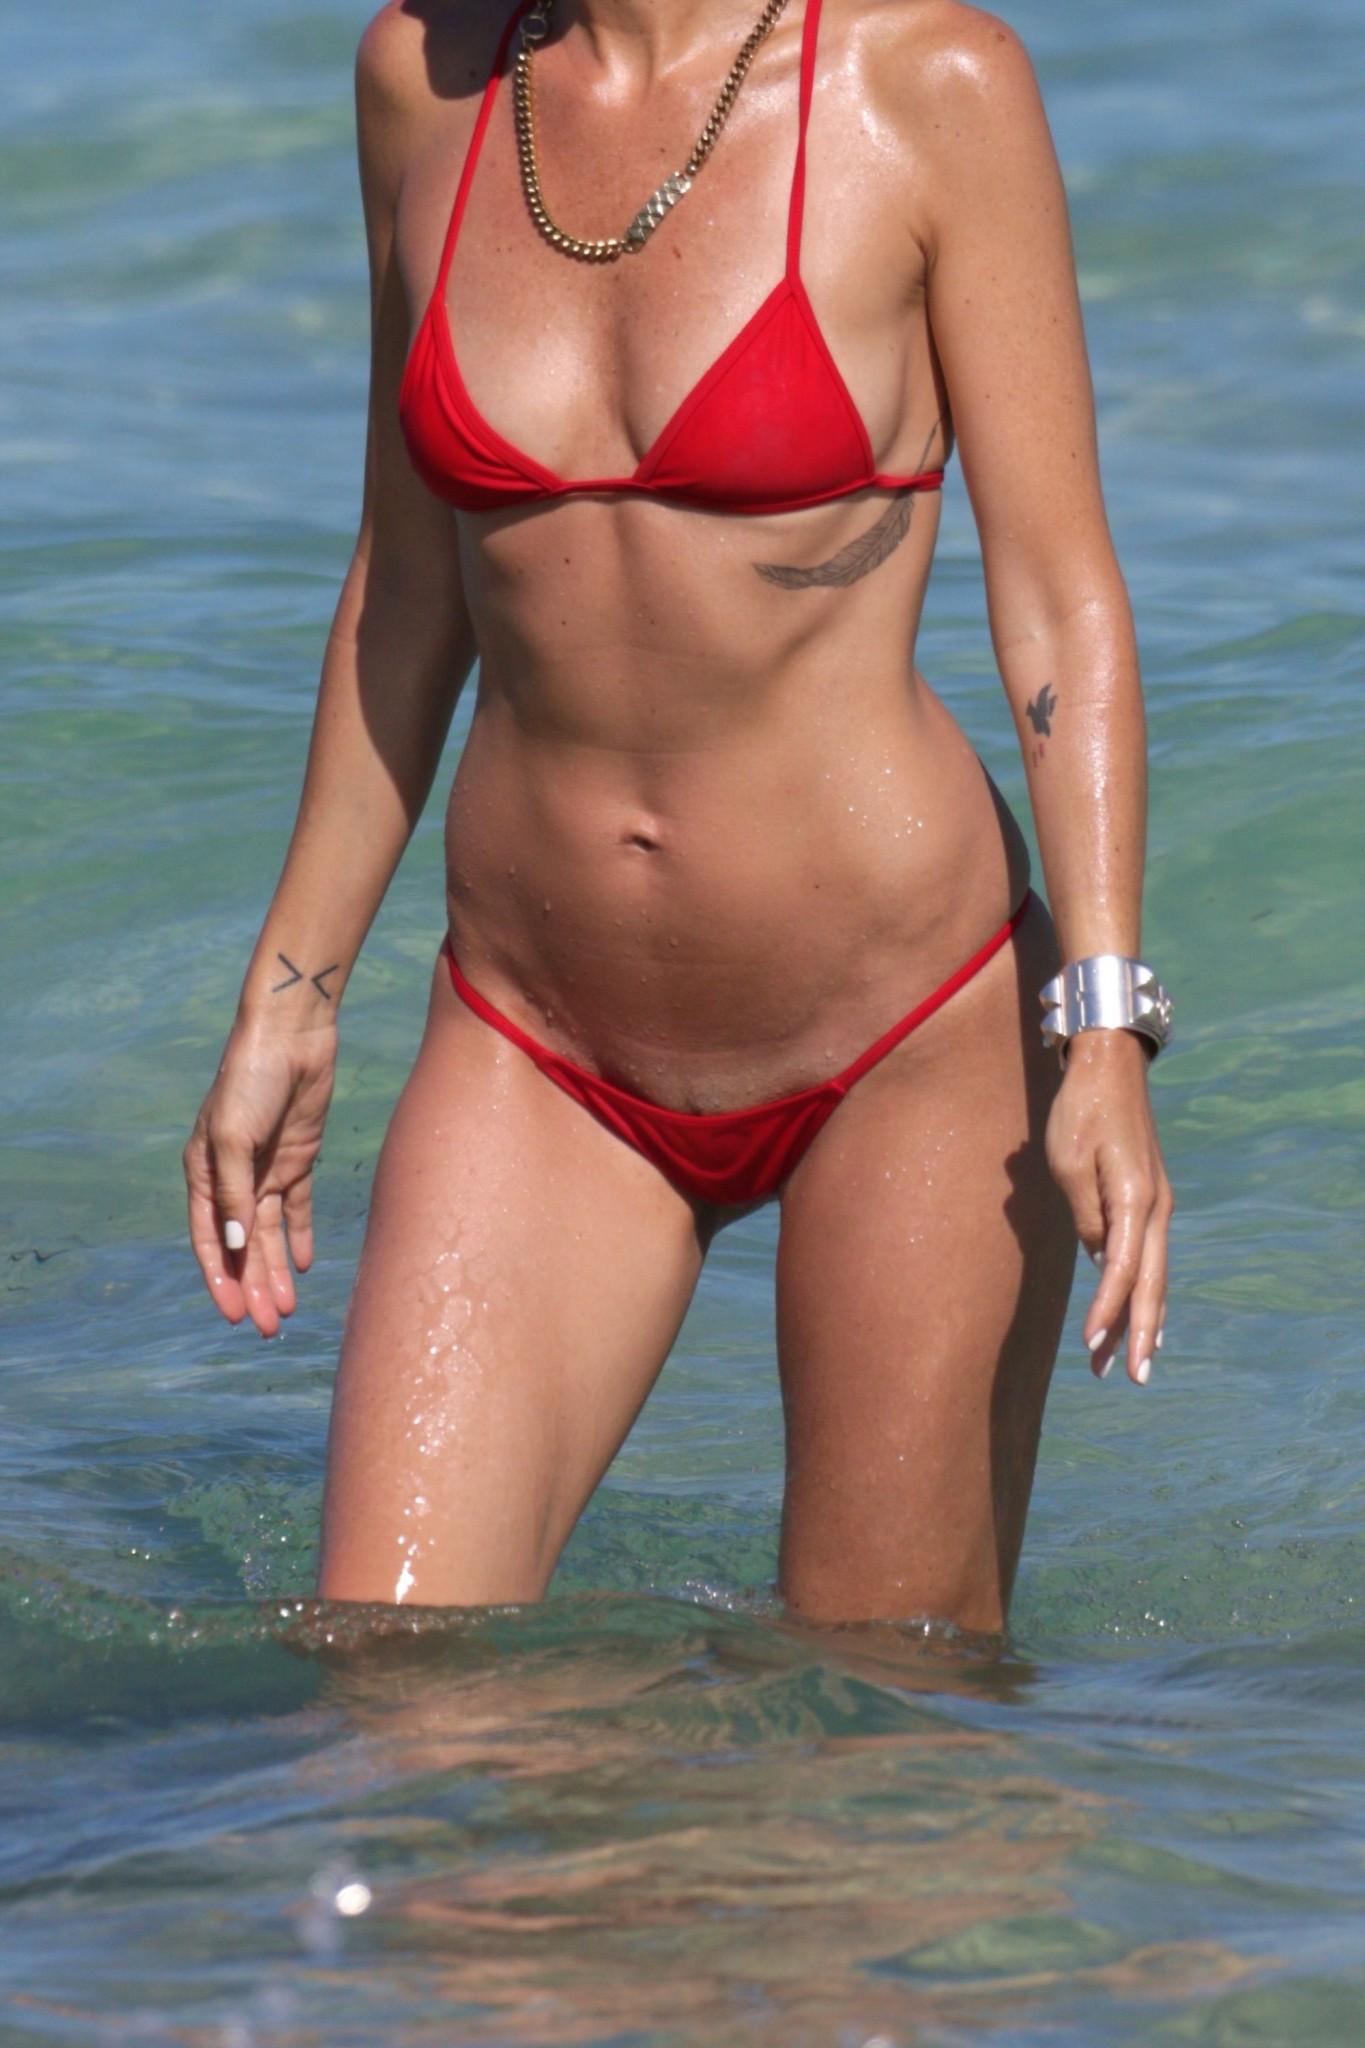 catt-sadler-red-bikini-in-miami-11